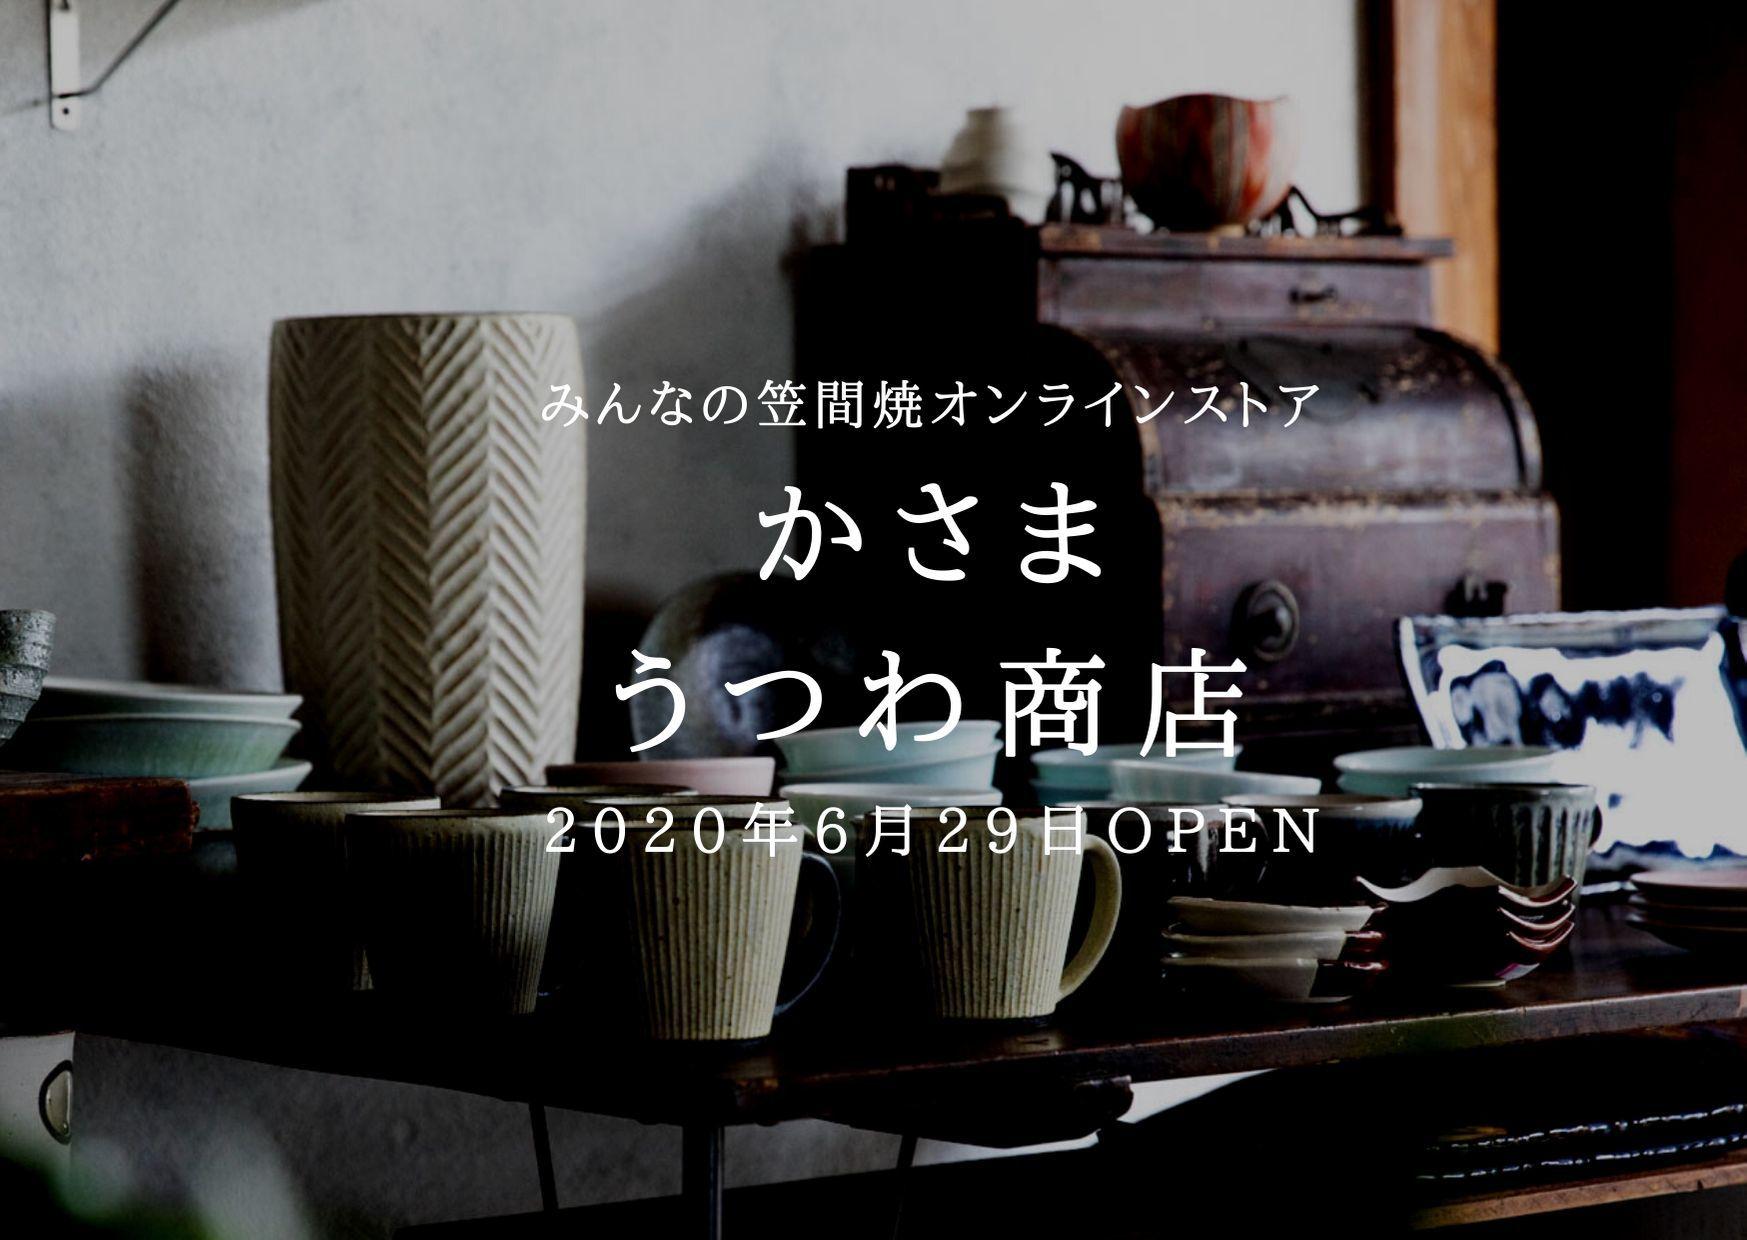 【かさまうつわ商店】プレオープン&メディア情報!_f0229883_07370073.jpg